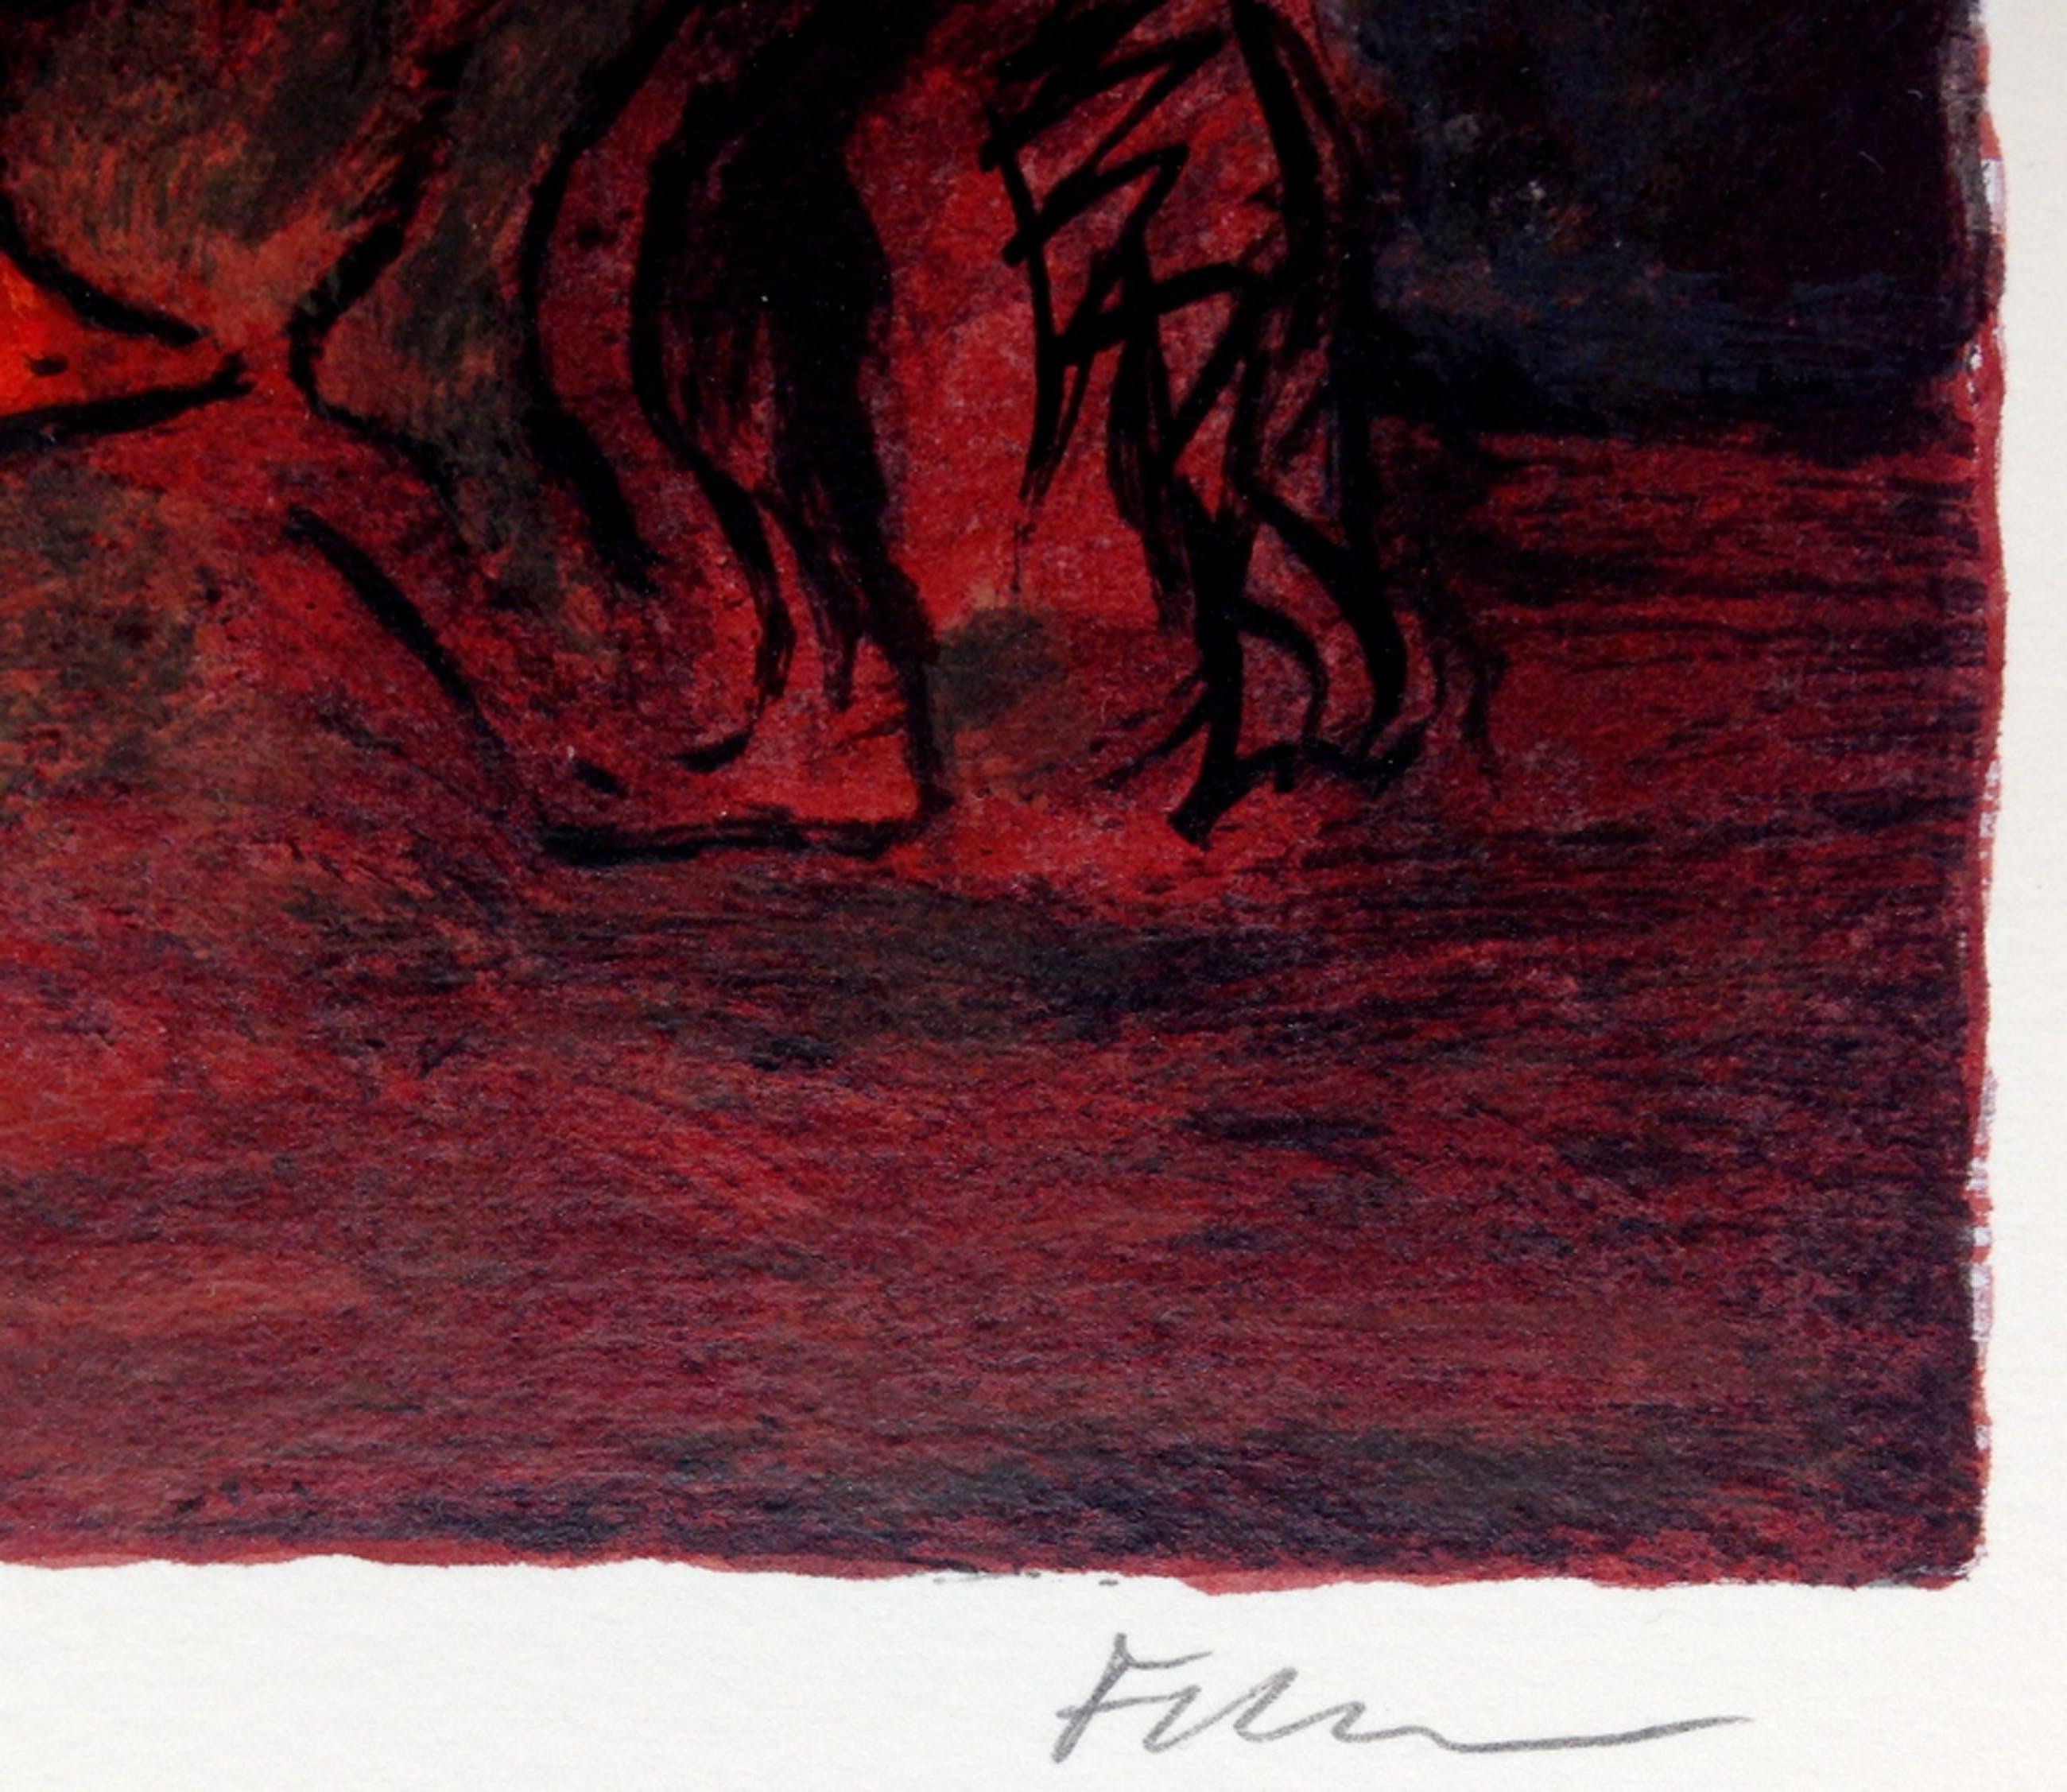 Luis Filcer, Lithografie uit 1994, Handgesigneerd kopen? Bied vanaf 75!